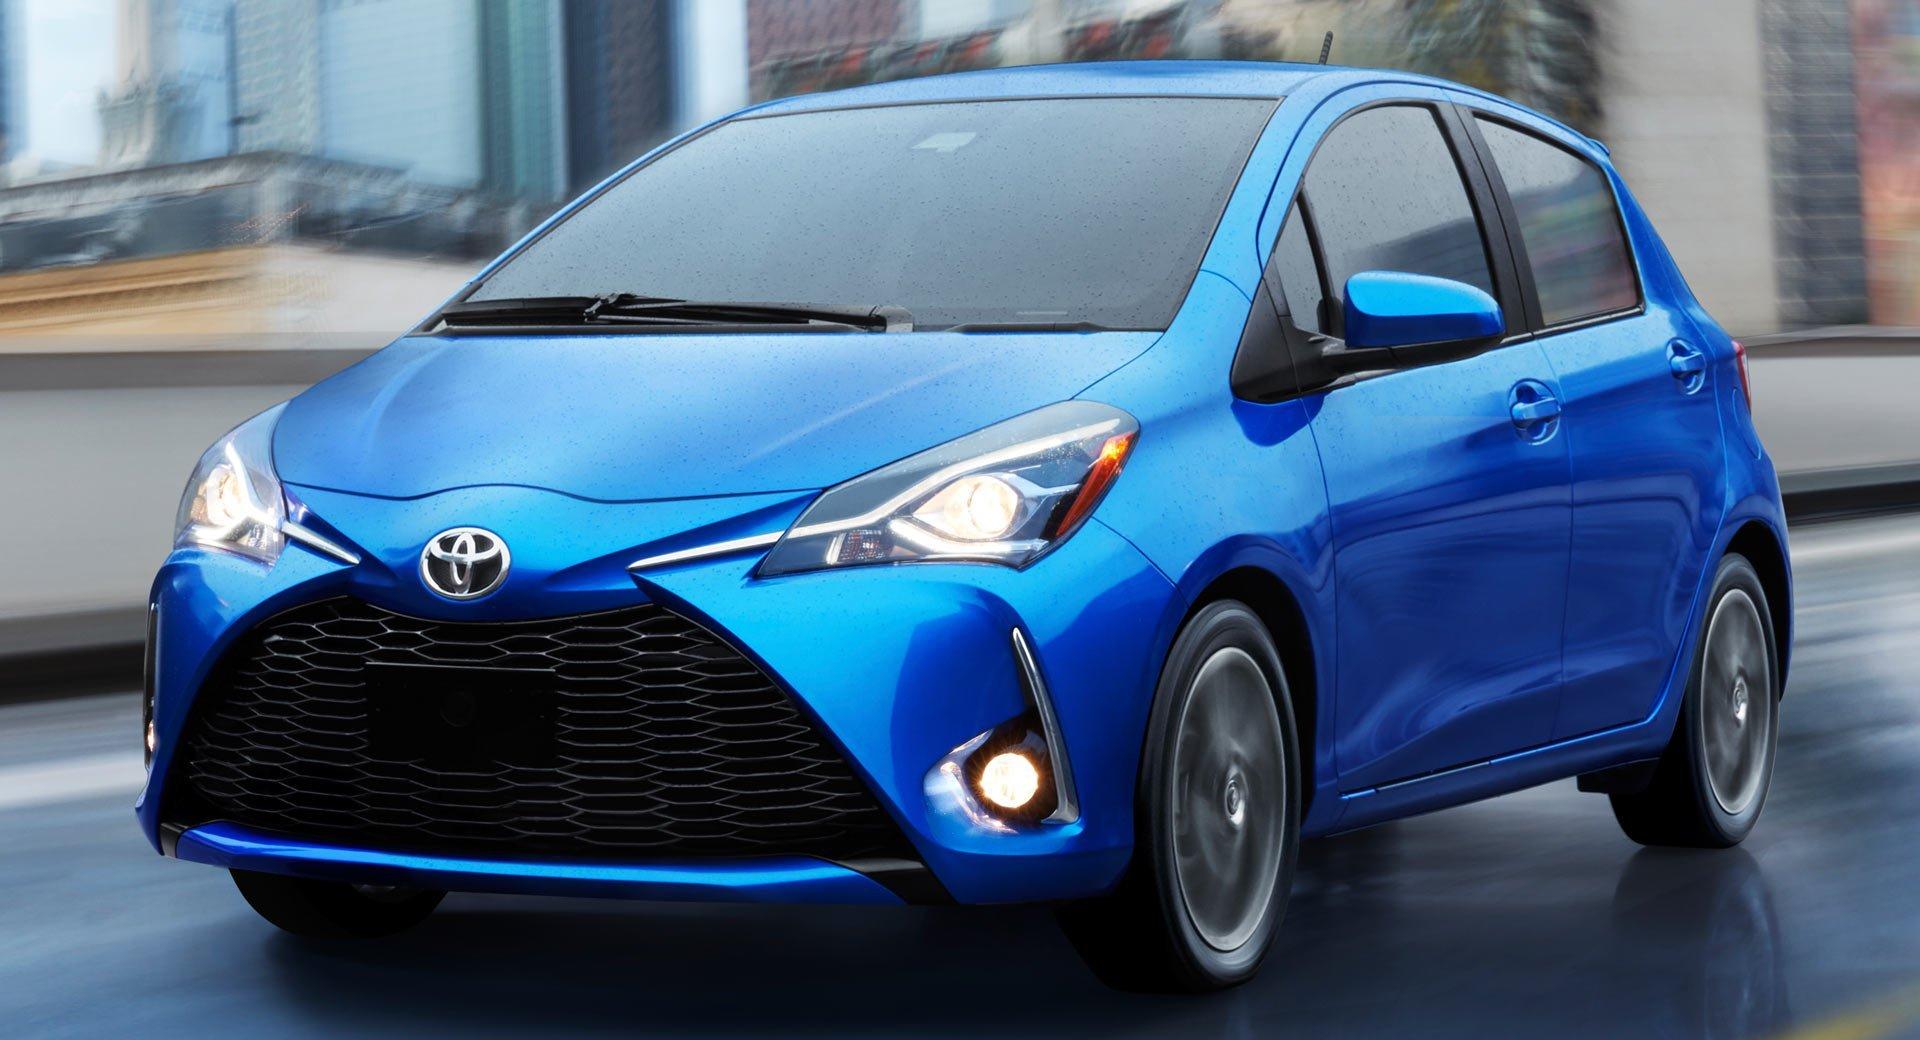 丰田发布财务业绩,未来三年将推出31款新车,丰田红杉可能停产